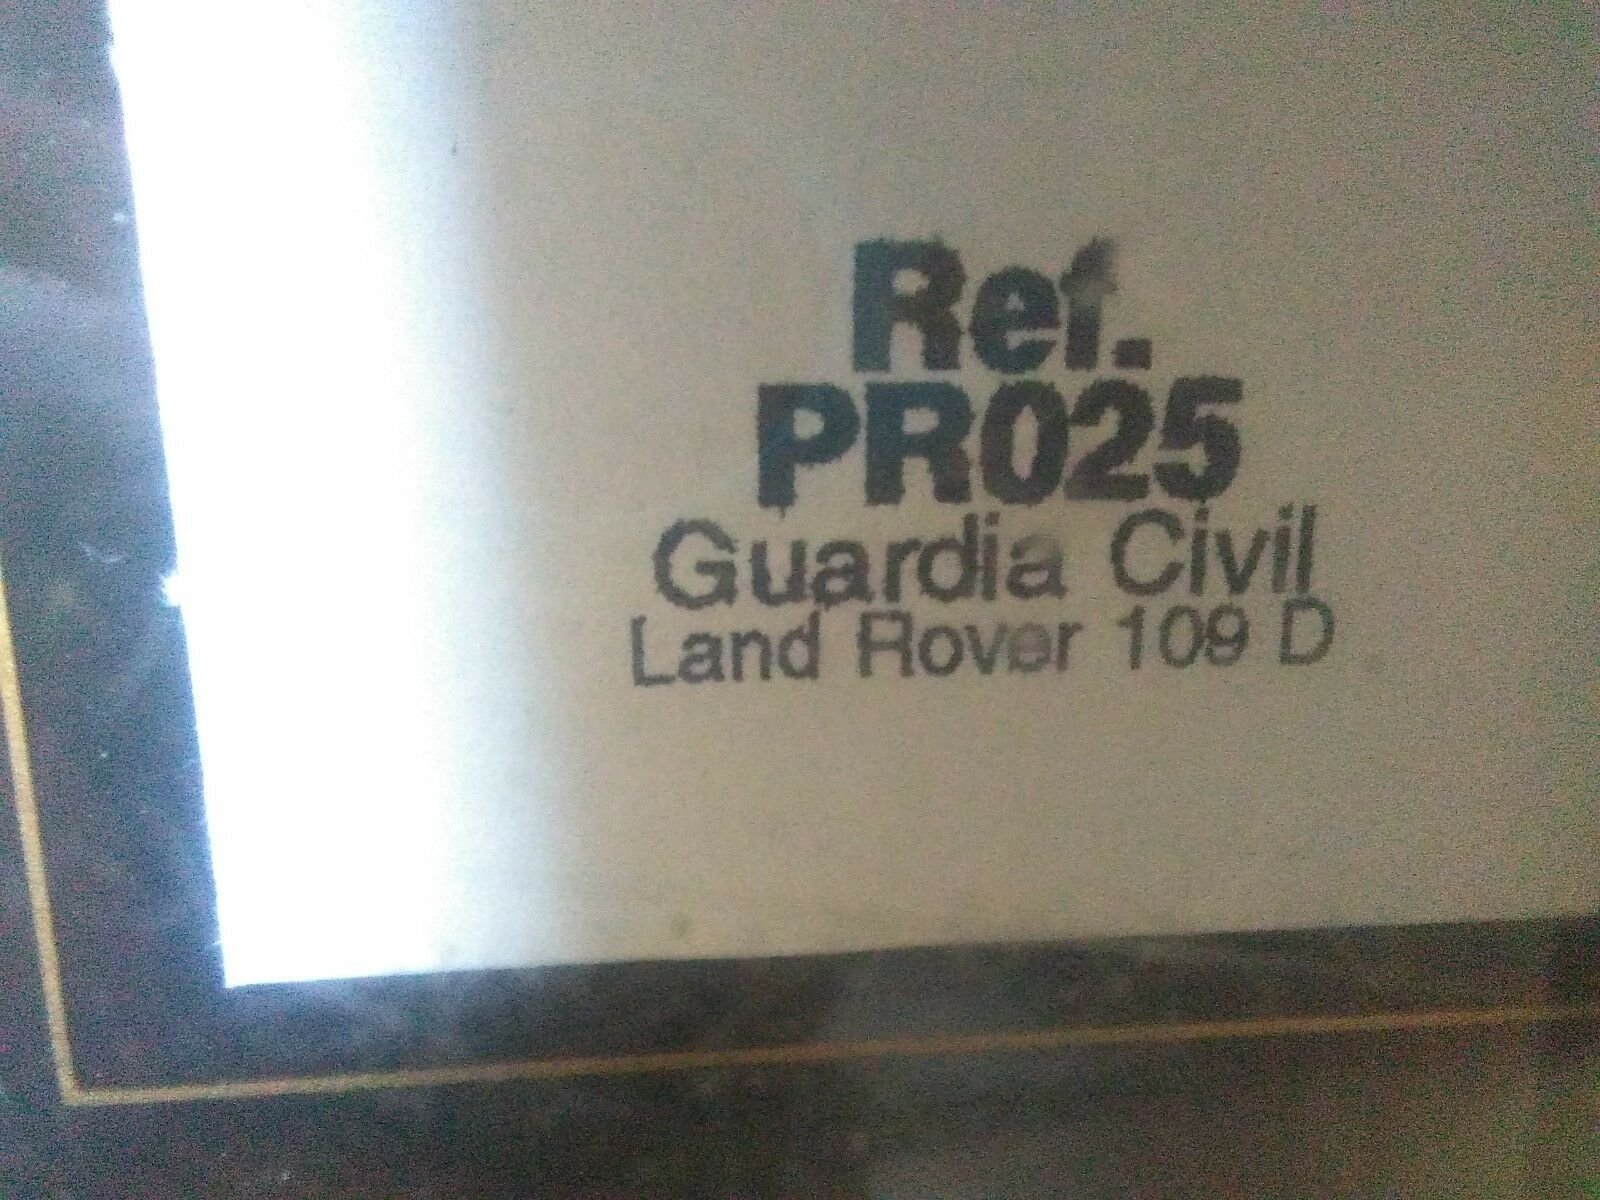 Bonne offre à Noël Noël Noël Antigua miniatura 1:43 Scale Carr PR025 Land Rover Guardia Civil. | Shop  647052